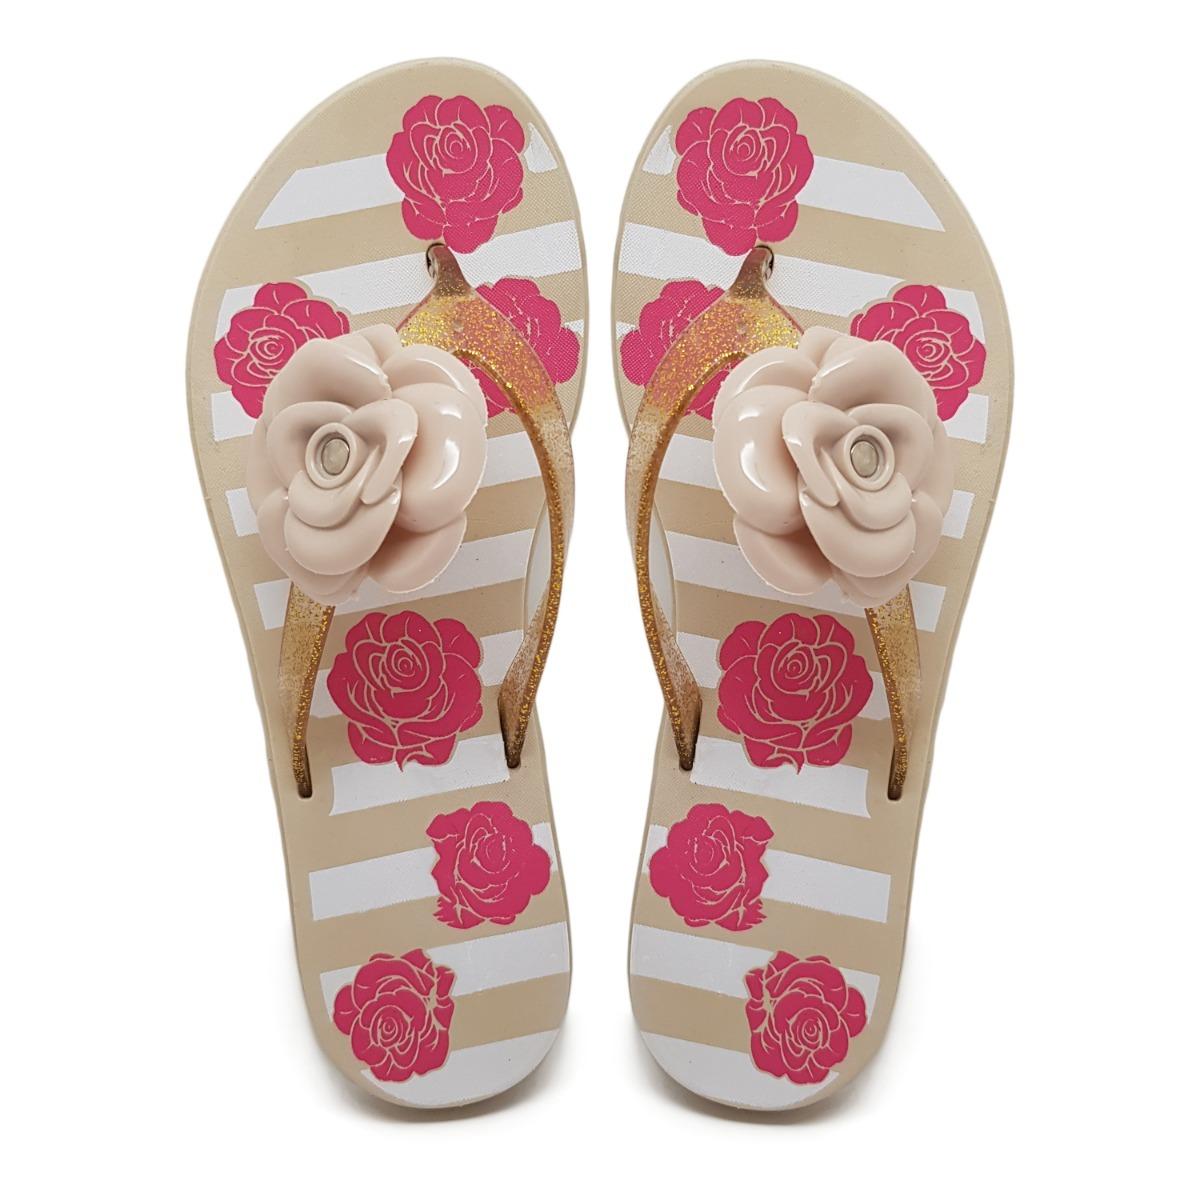 ad234286ca kit 10 chinelo sandália estampado laço flor rosa atacado k79. Carregando  zoom.